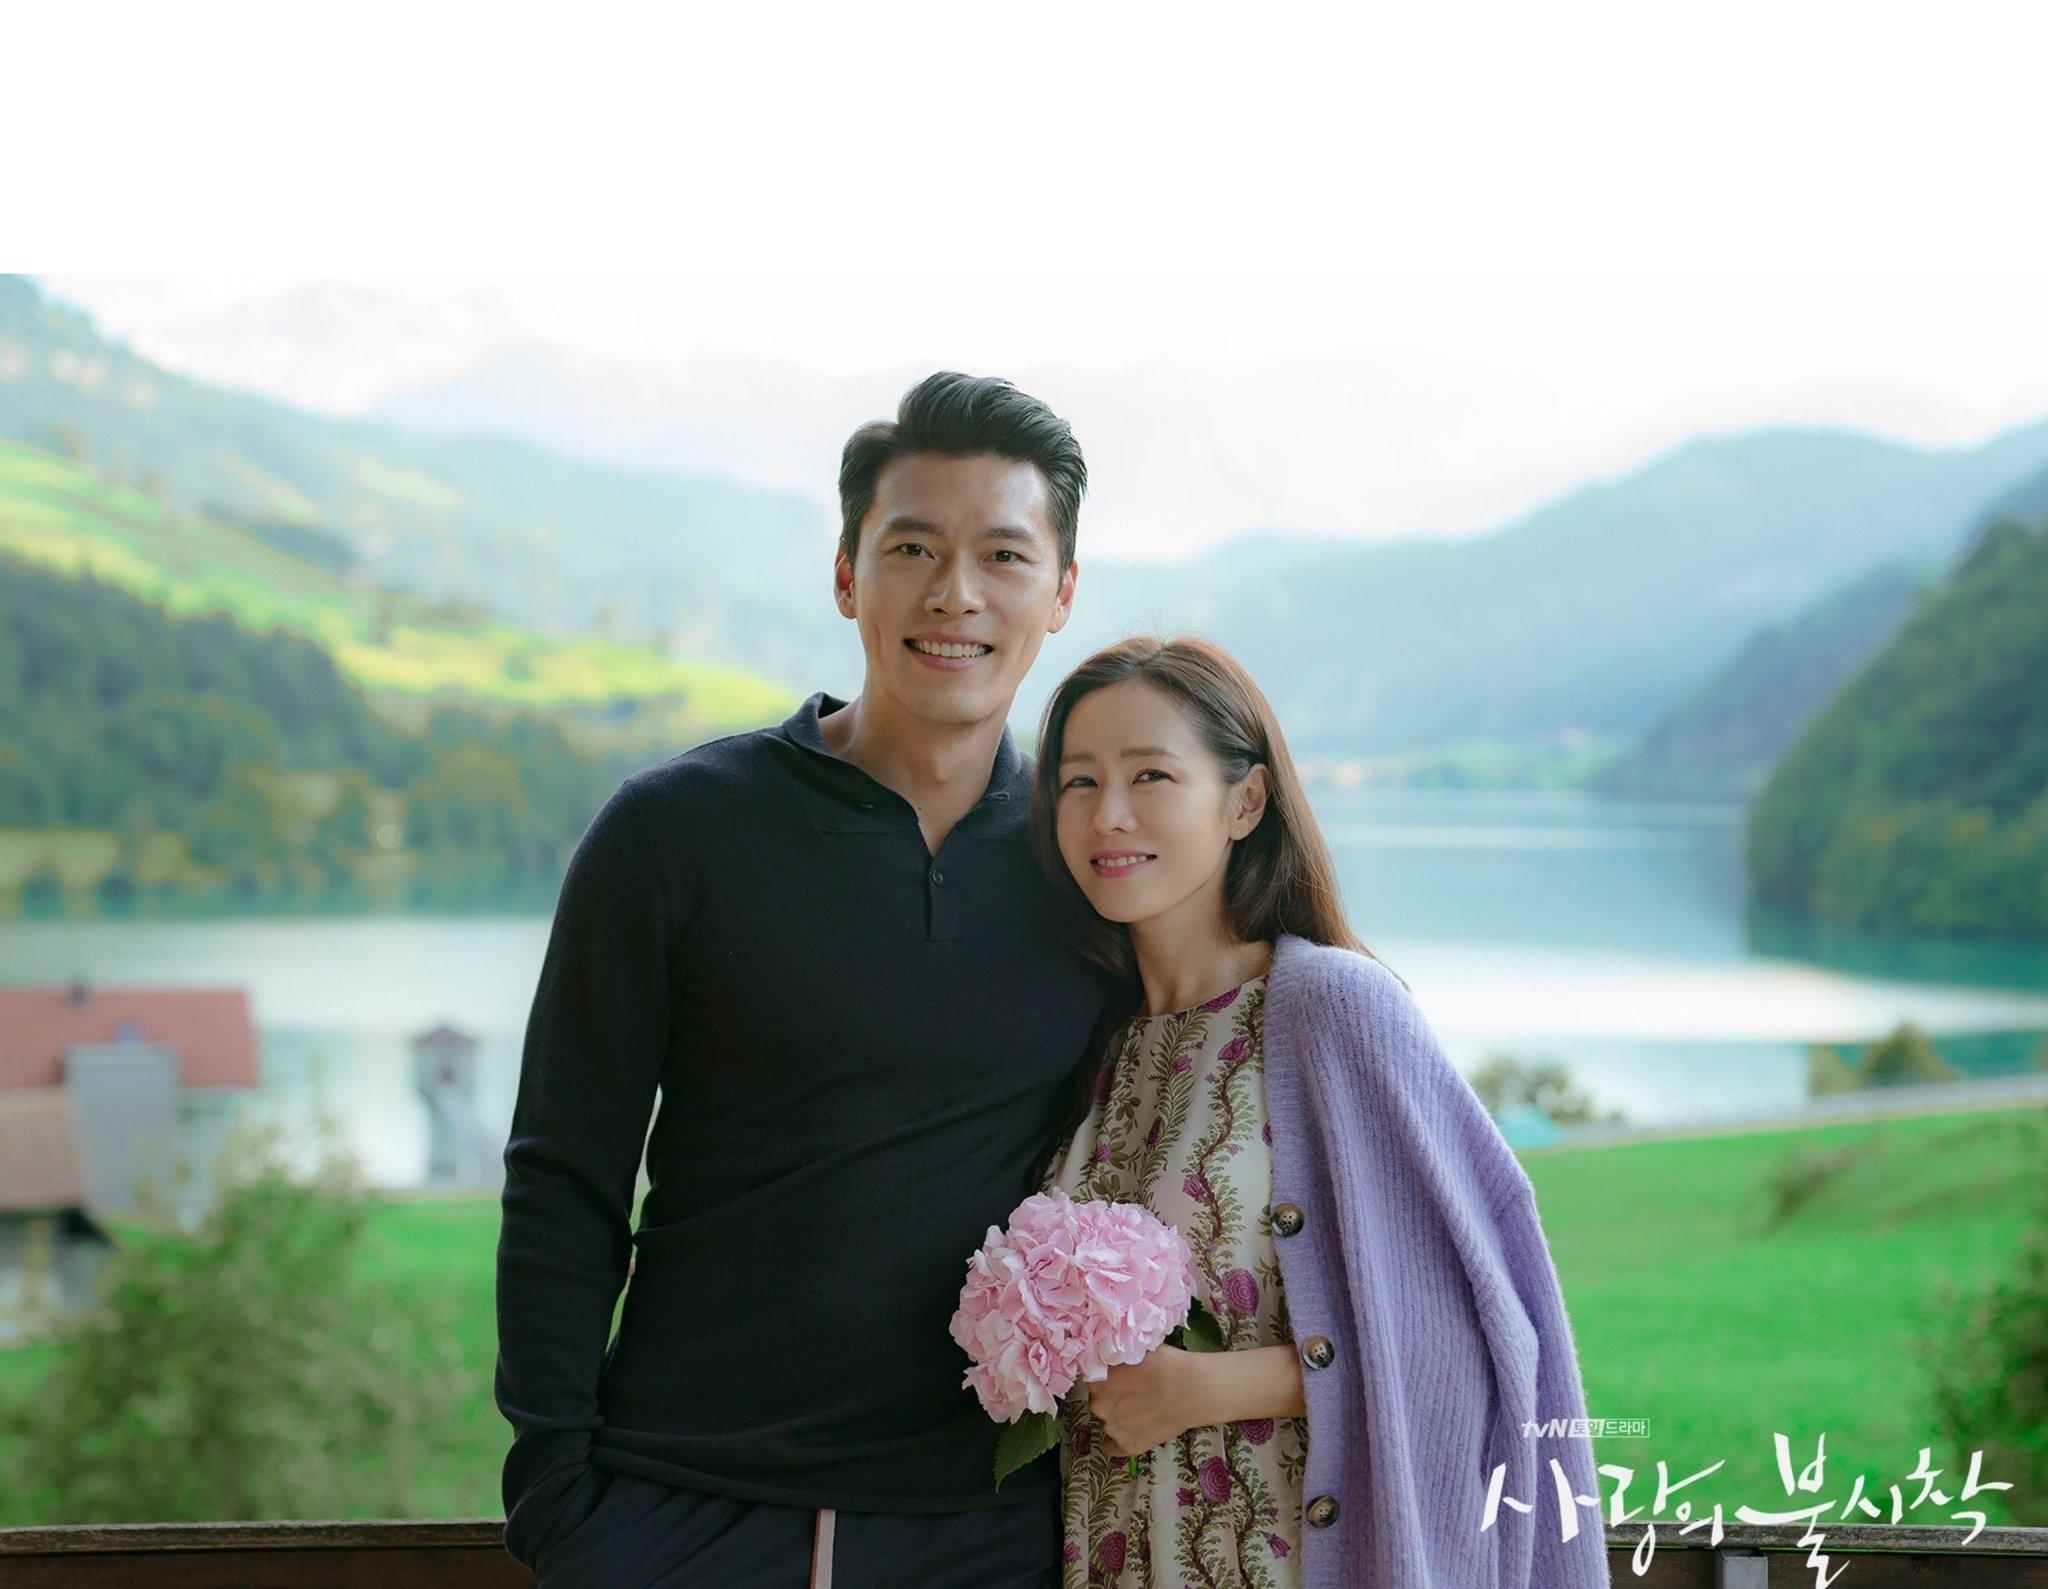 """Son Ye Jin và Jennie đều bị """"bóc phốt""""  hẹn hò khi diện chiếc áo này, item mà mọi cặp đôi bí mật nên tránh đây rồi - Ảnh 1."""